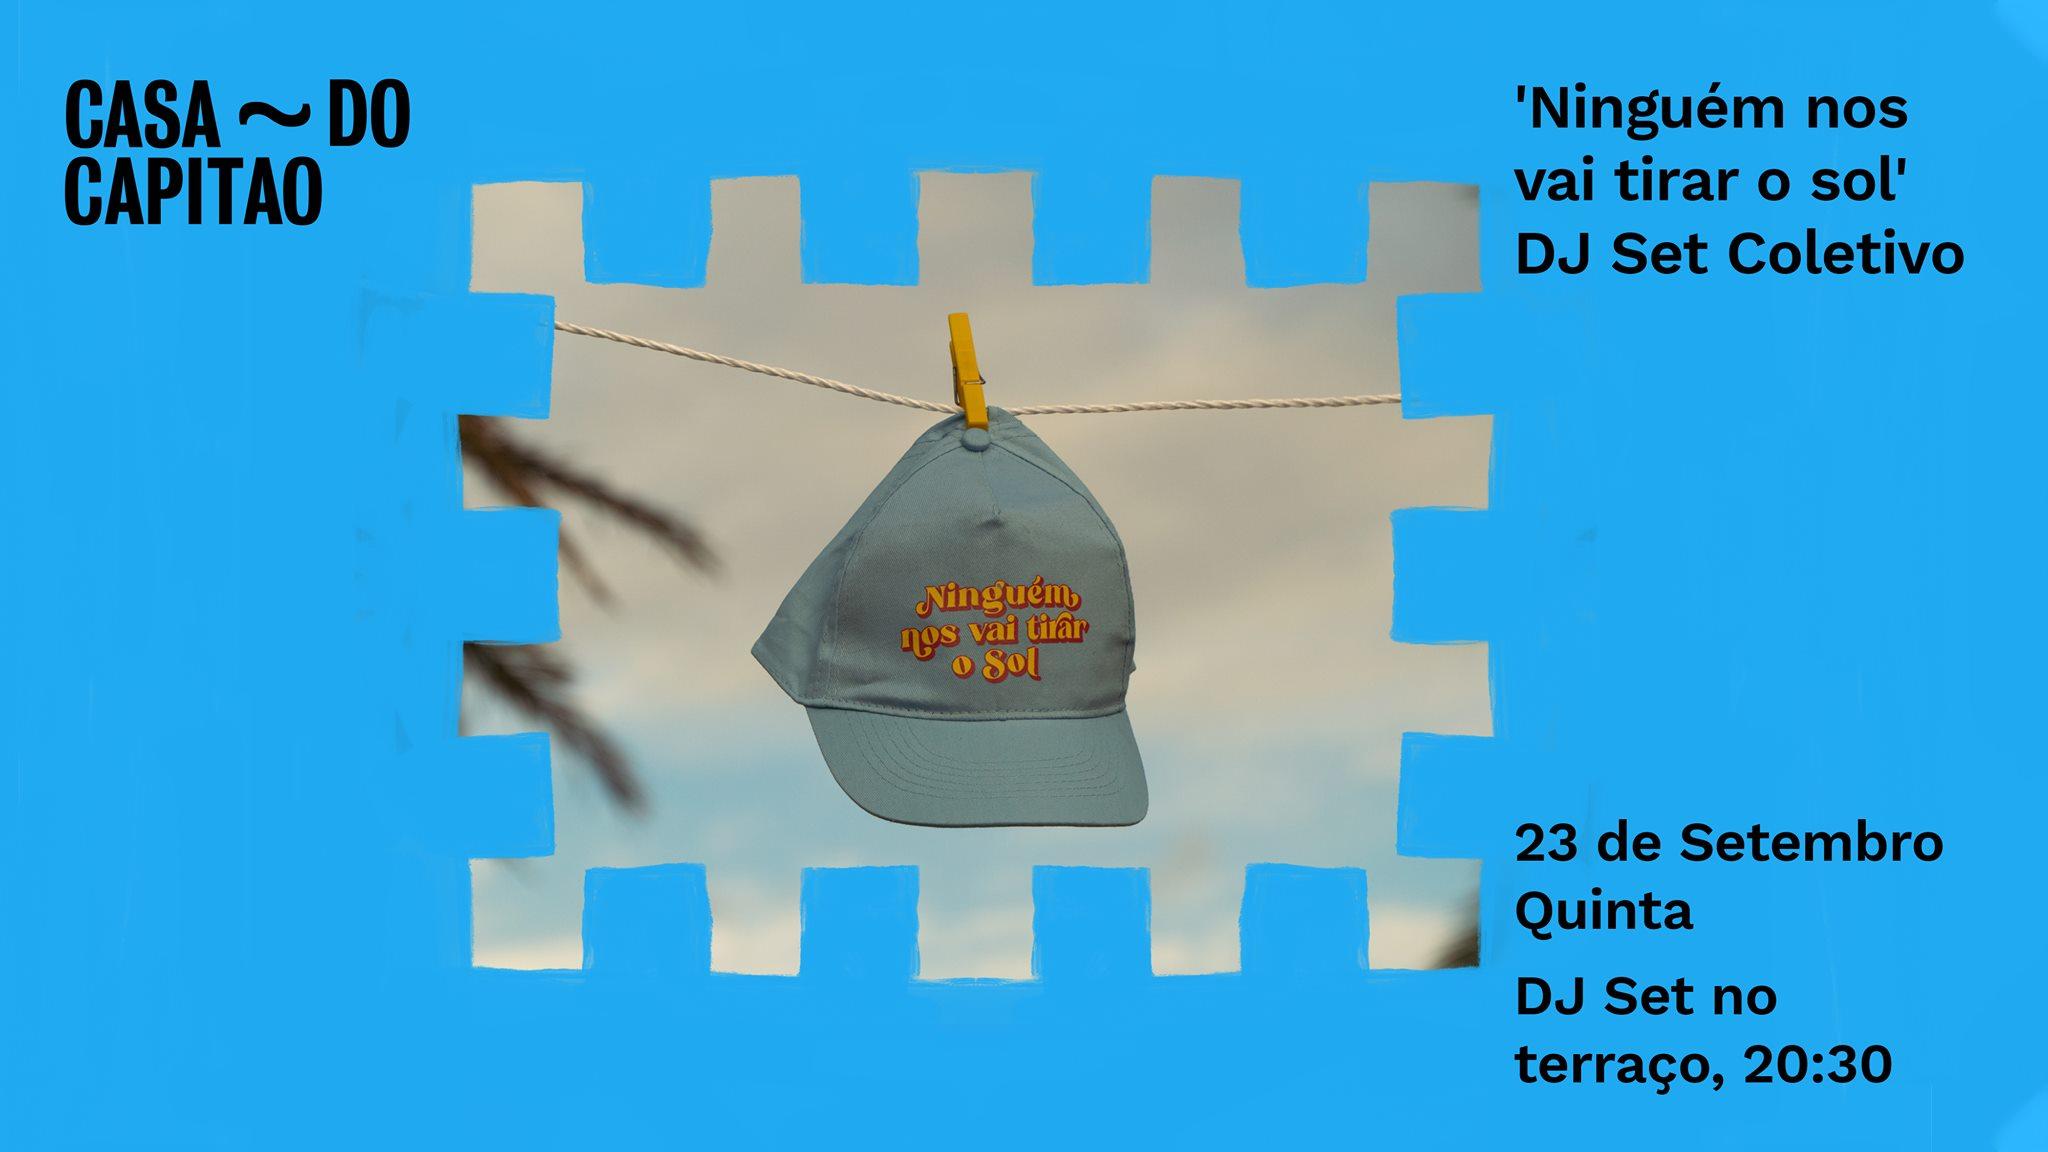 'Ninguém nos vai tirar o sol' DJ Set Coletivo • DJ Set no terraço